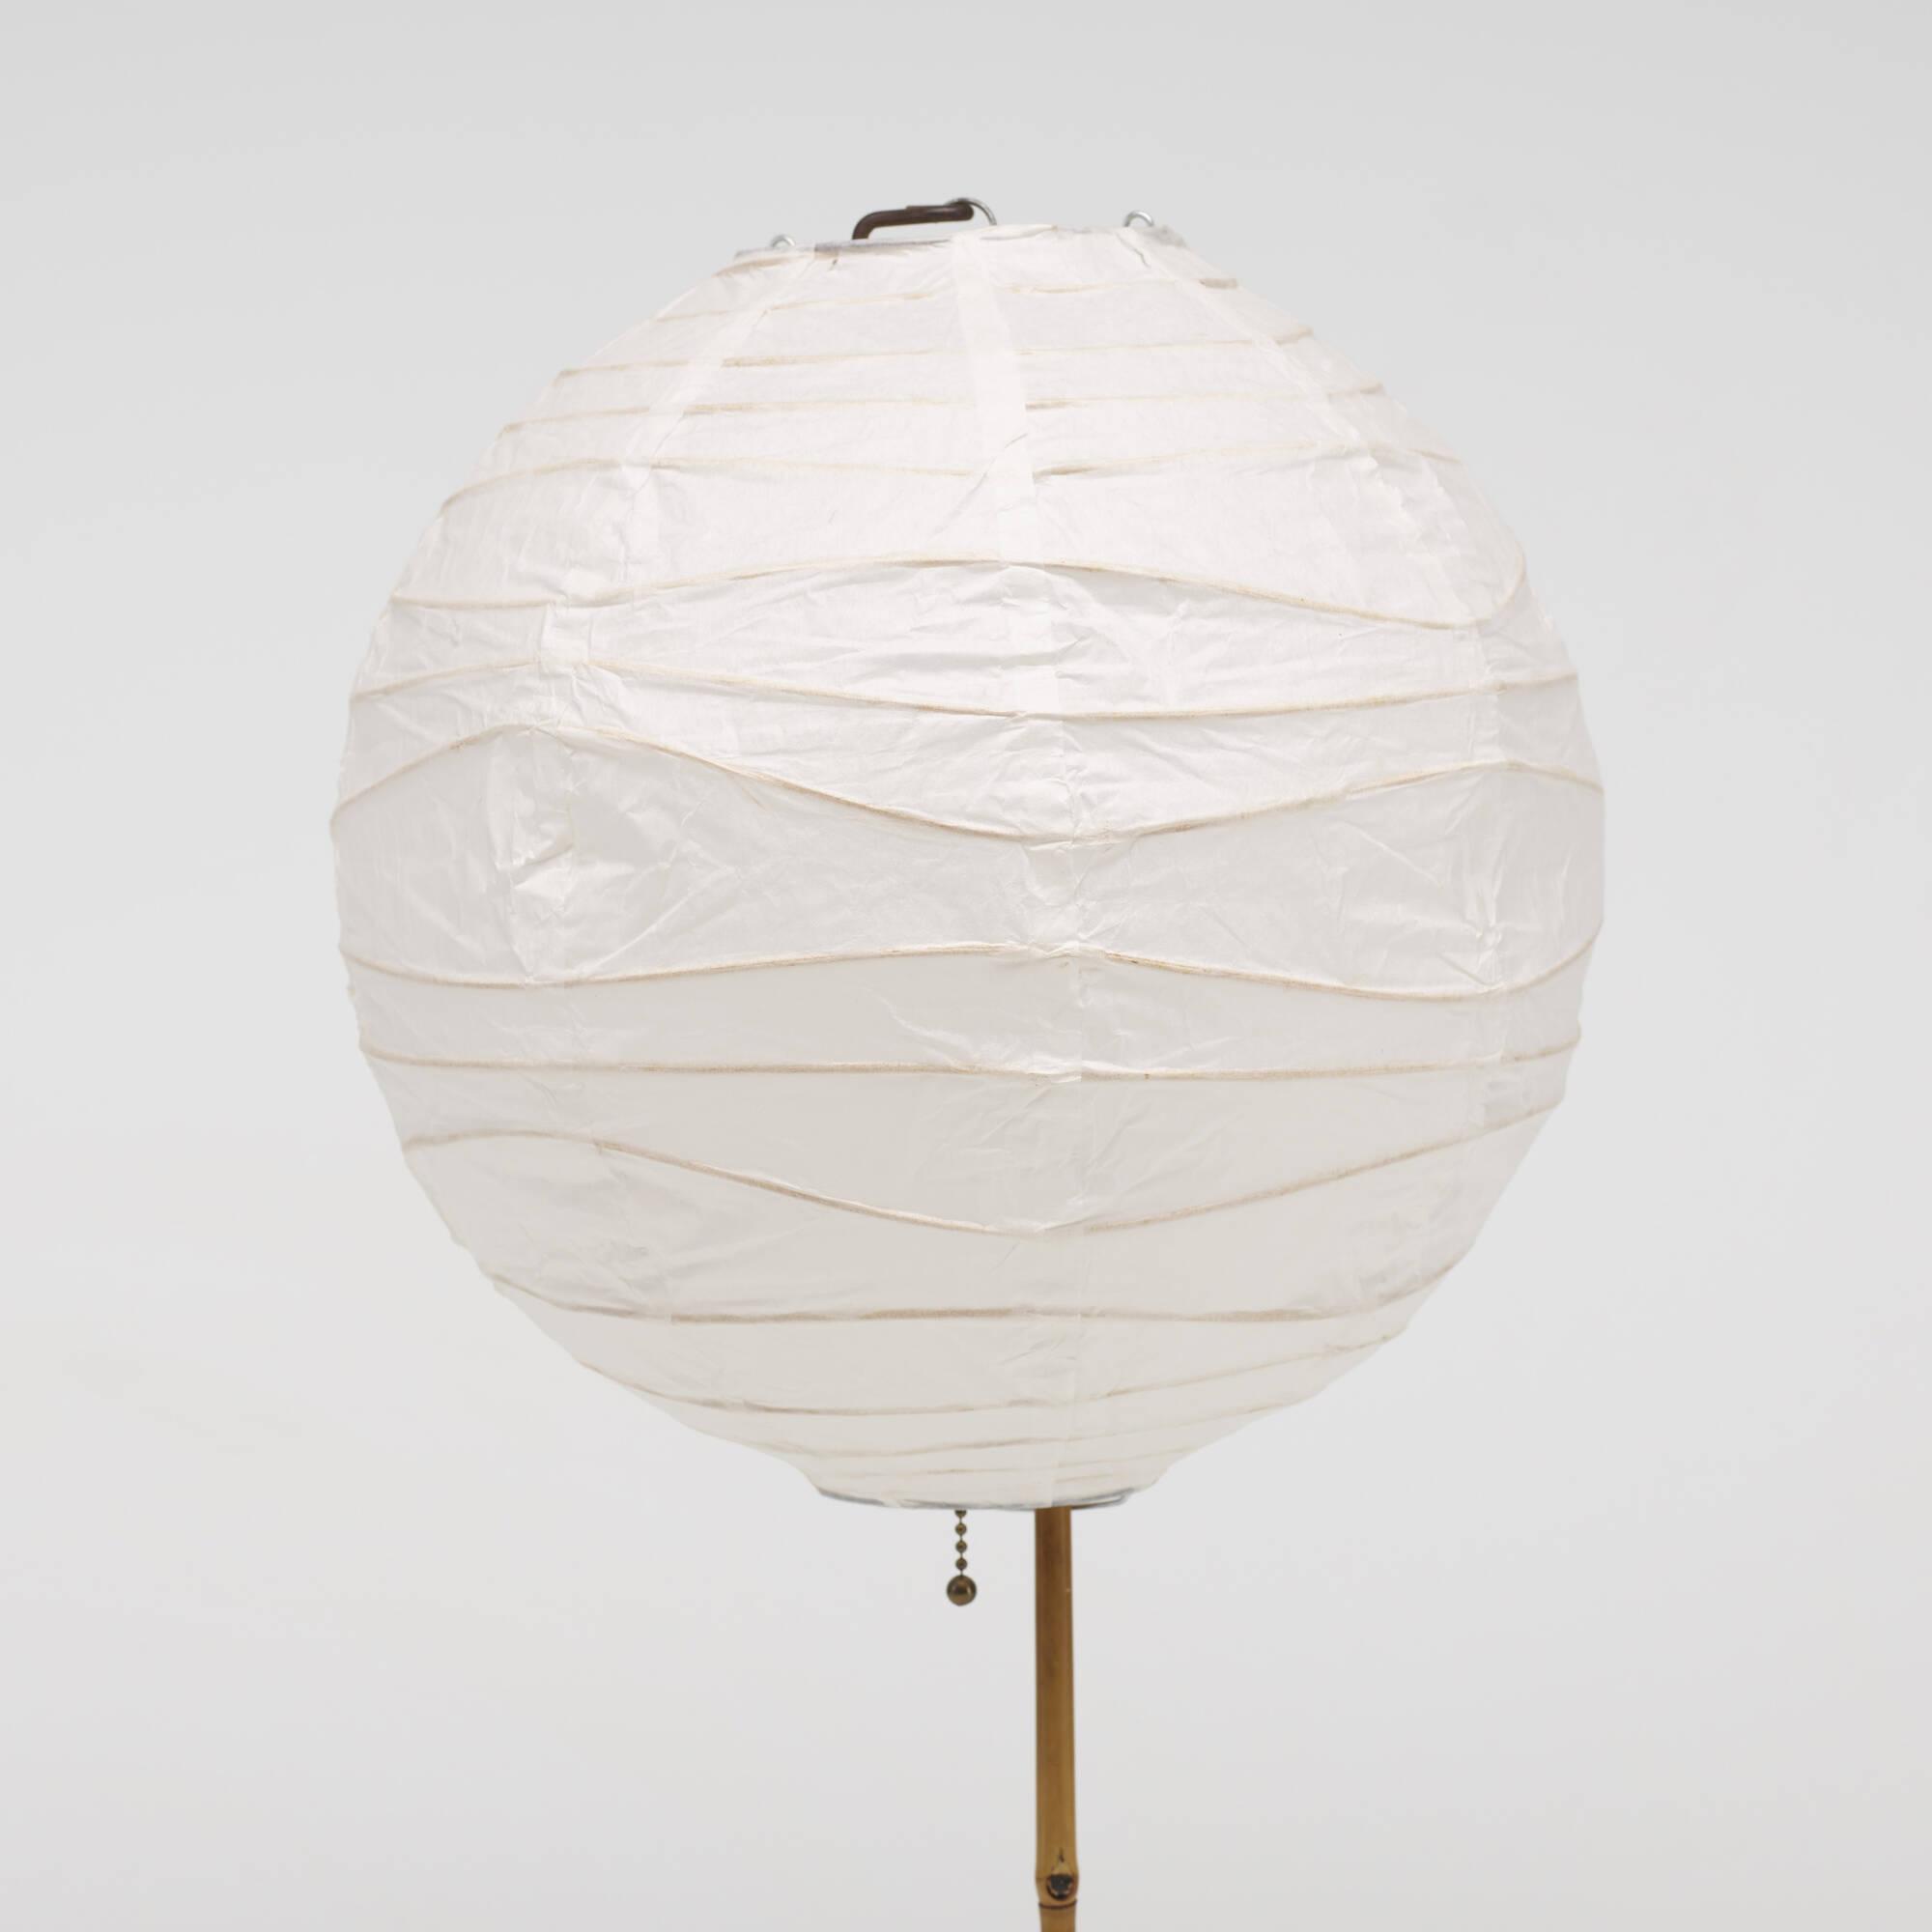 207: ISAMU NOGUCHI, Akari table lamps, pair